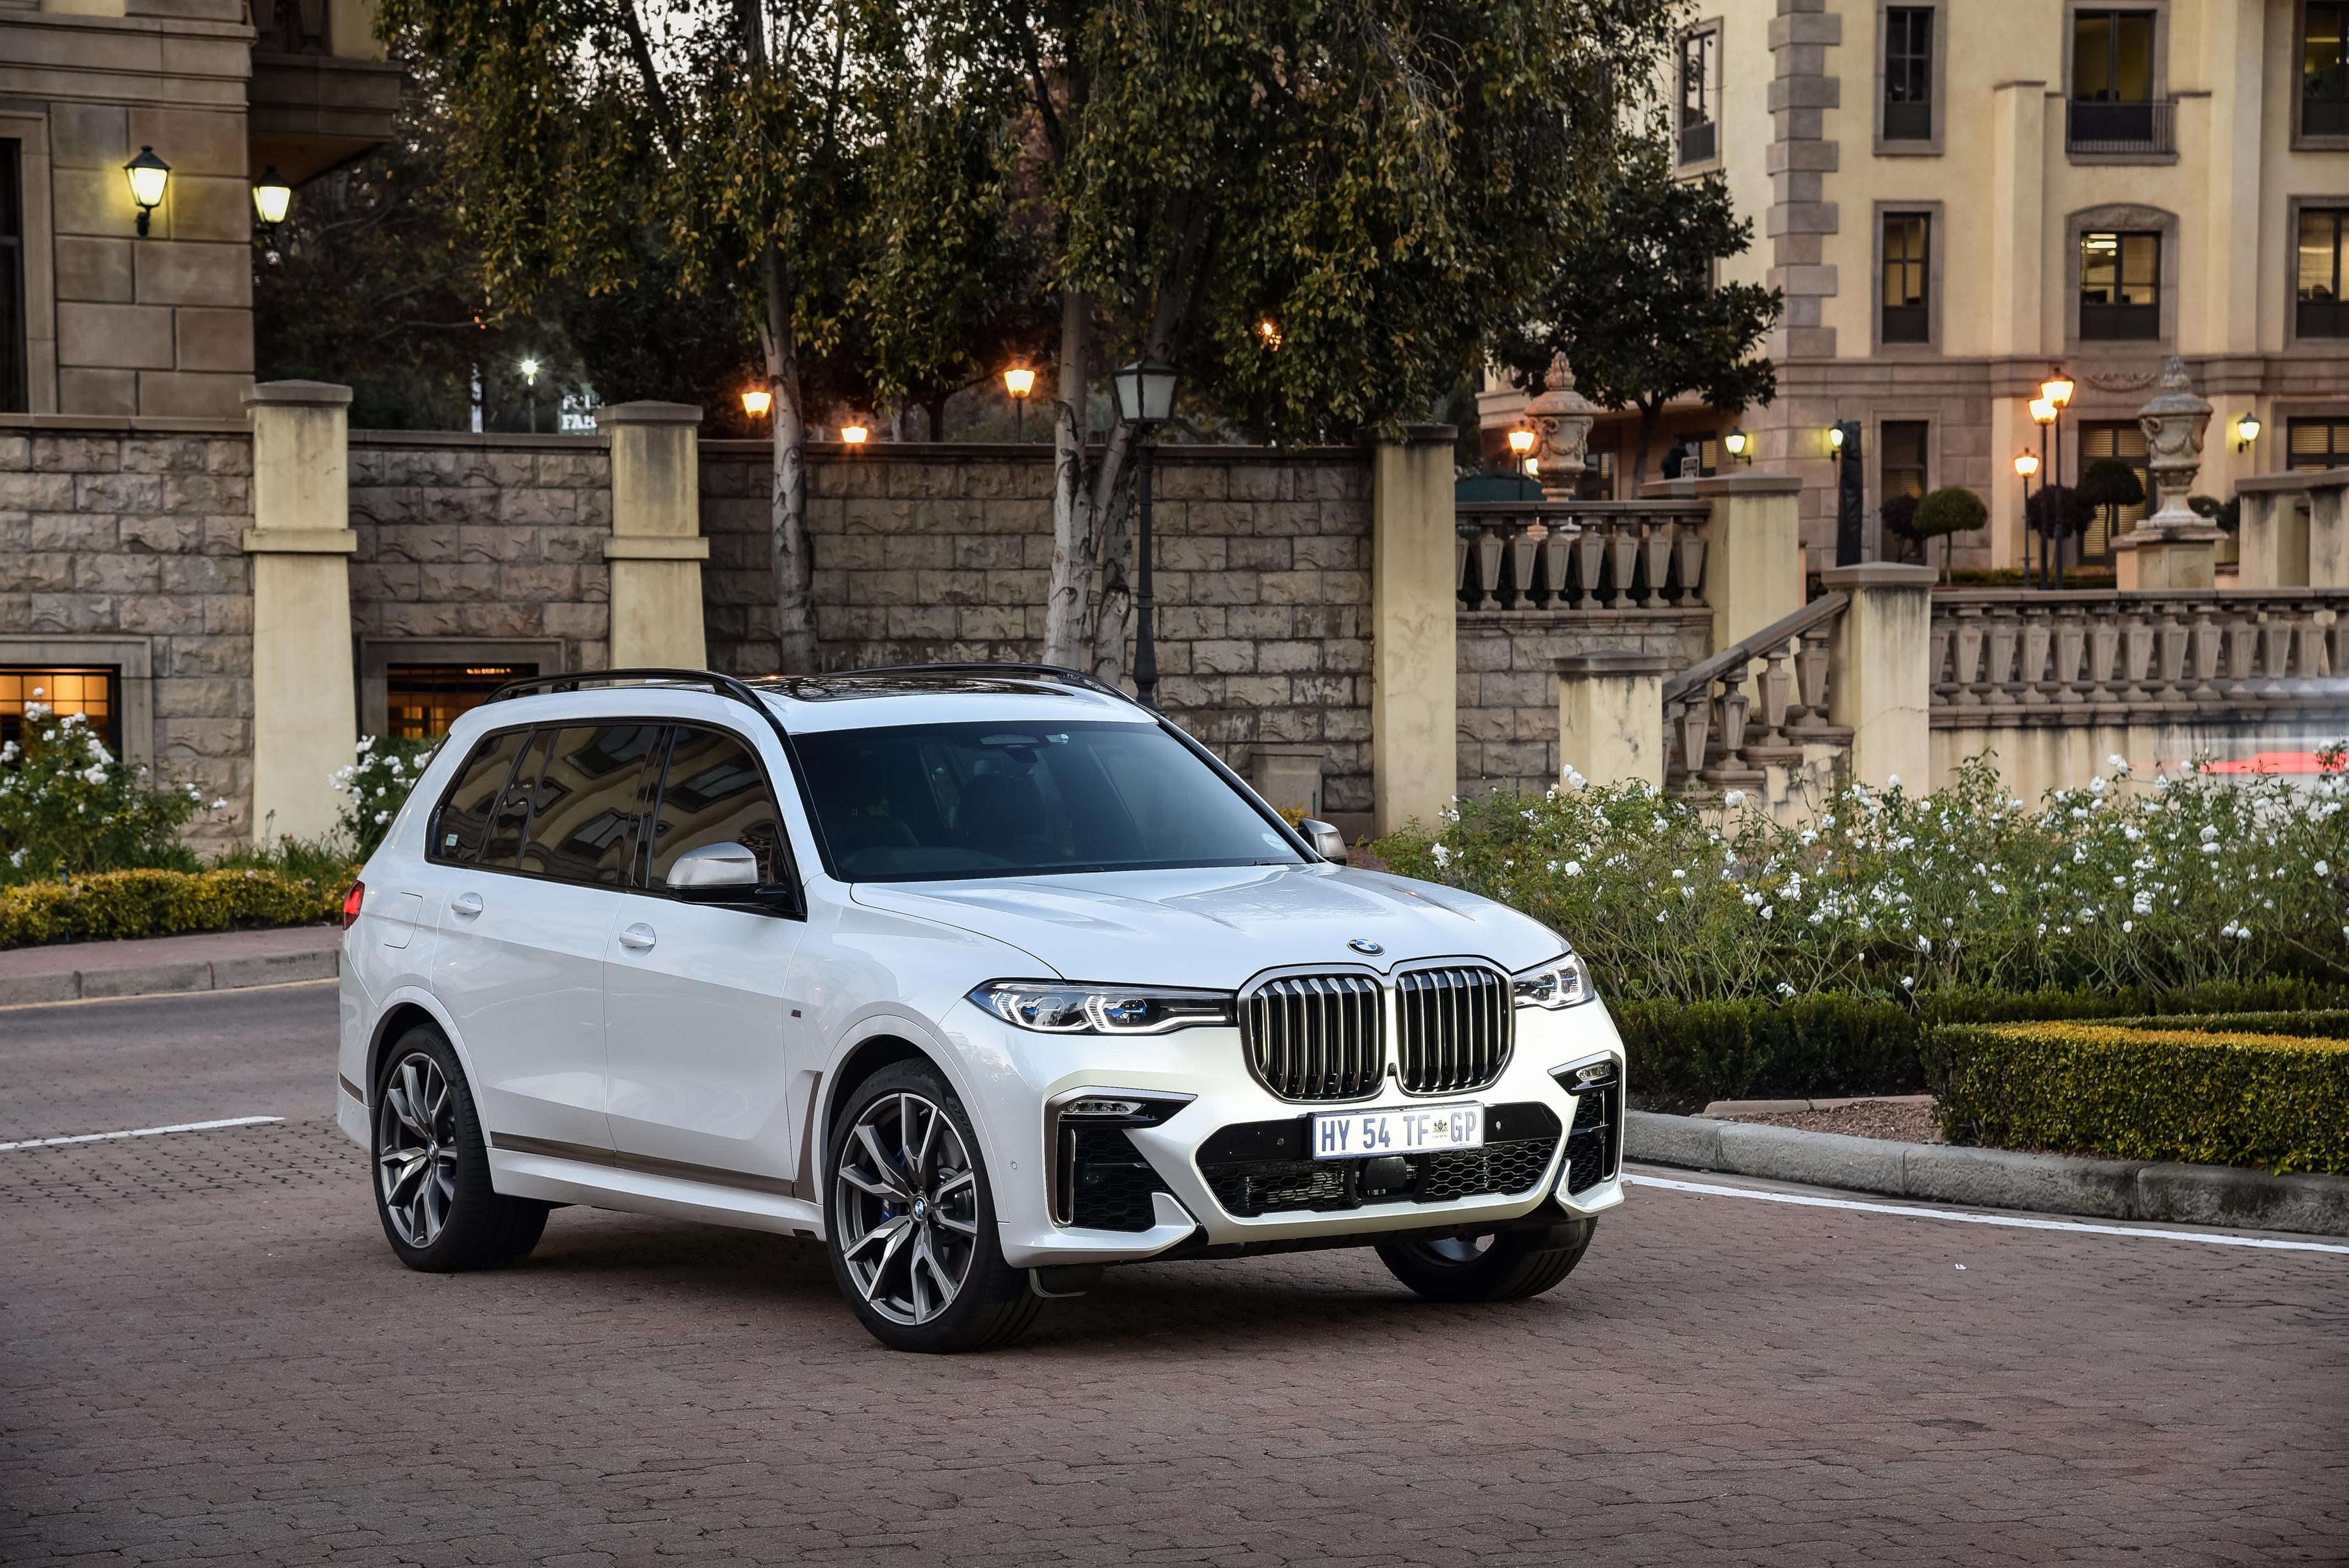 Картинка BMW Кроссовер 2019 X7 M50d Белый машина Металлик БМВ CUV белая белые белых авто машины Автомобили автомобиль